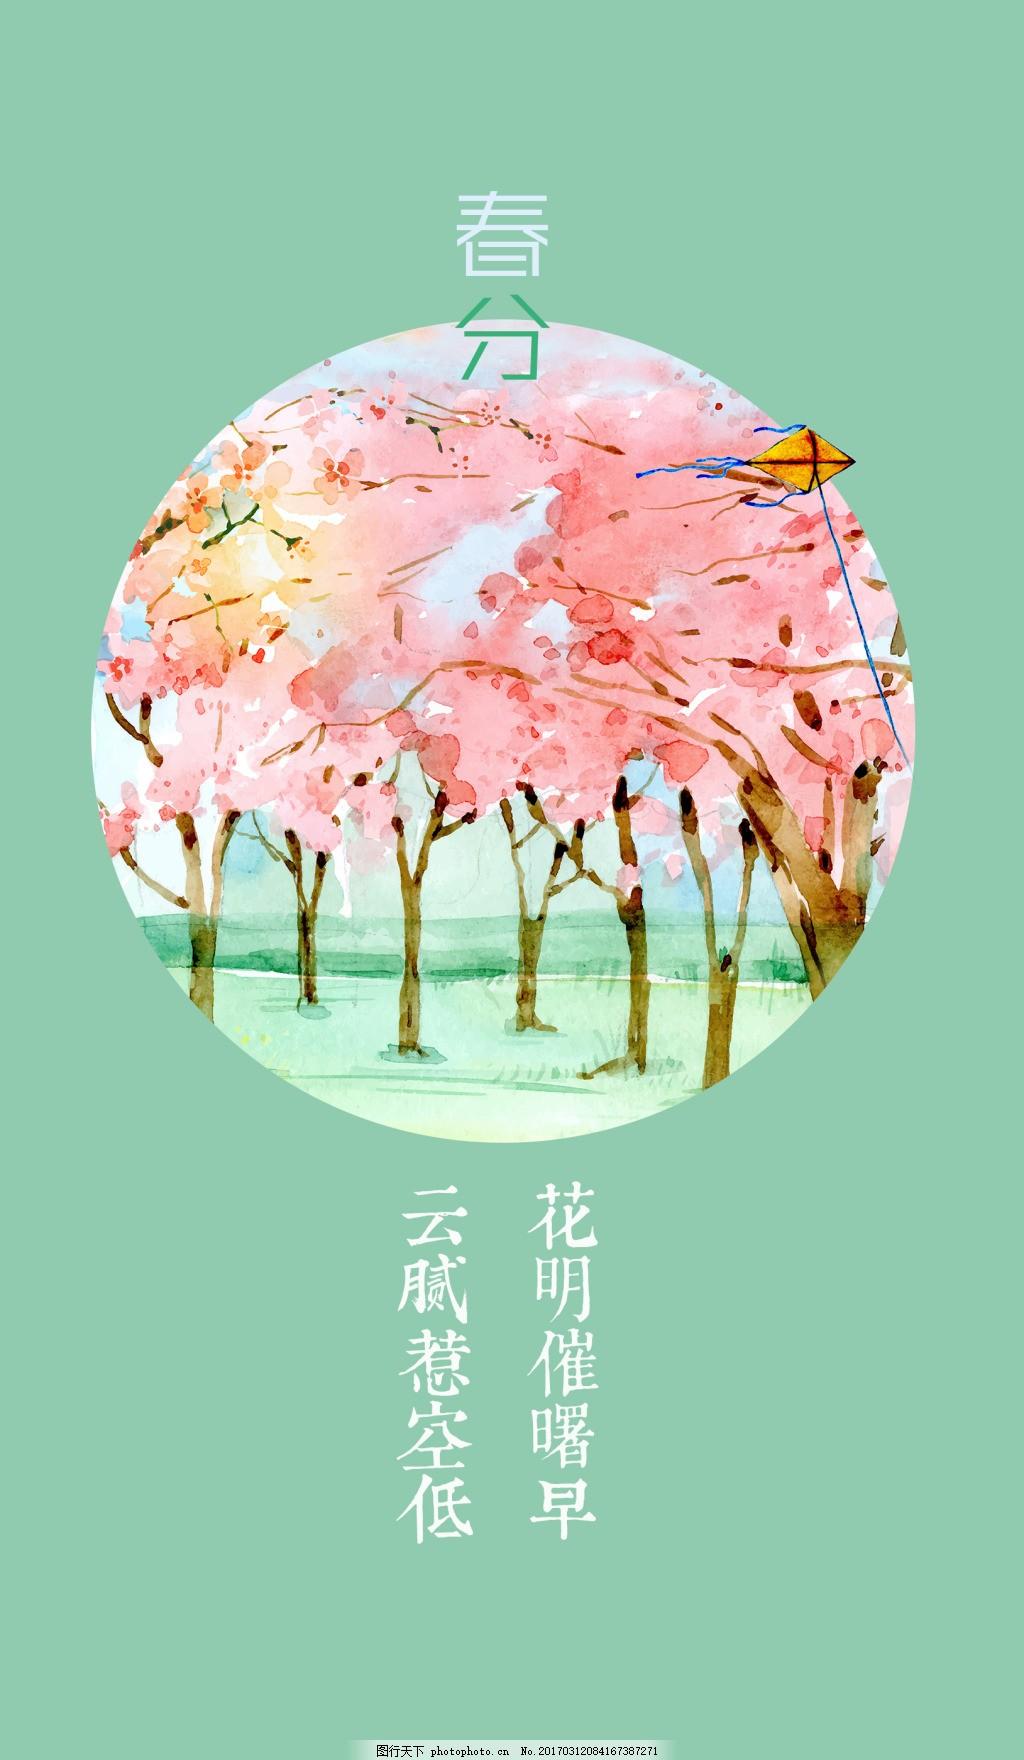 春分节气文艺背景海报 春分 文艺 清新 桃花 春天 花朵 风筝 姹紫嫣红